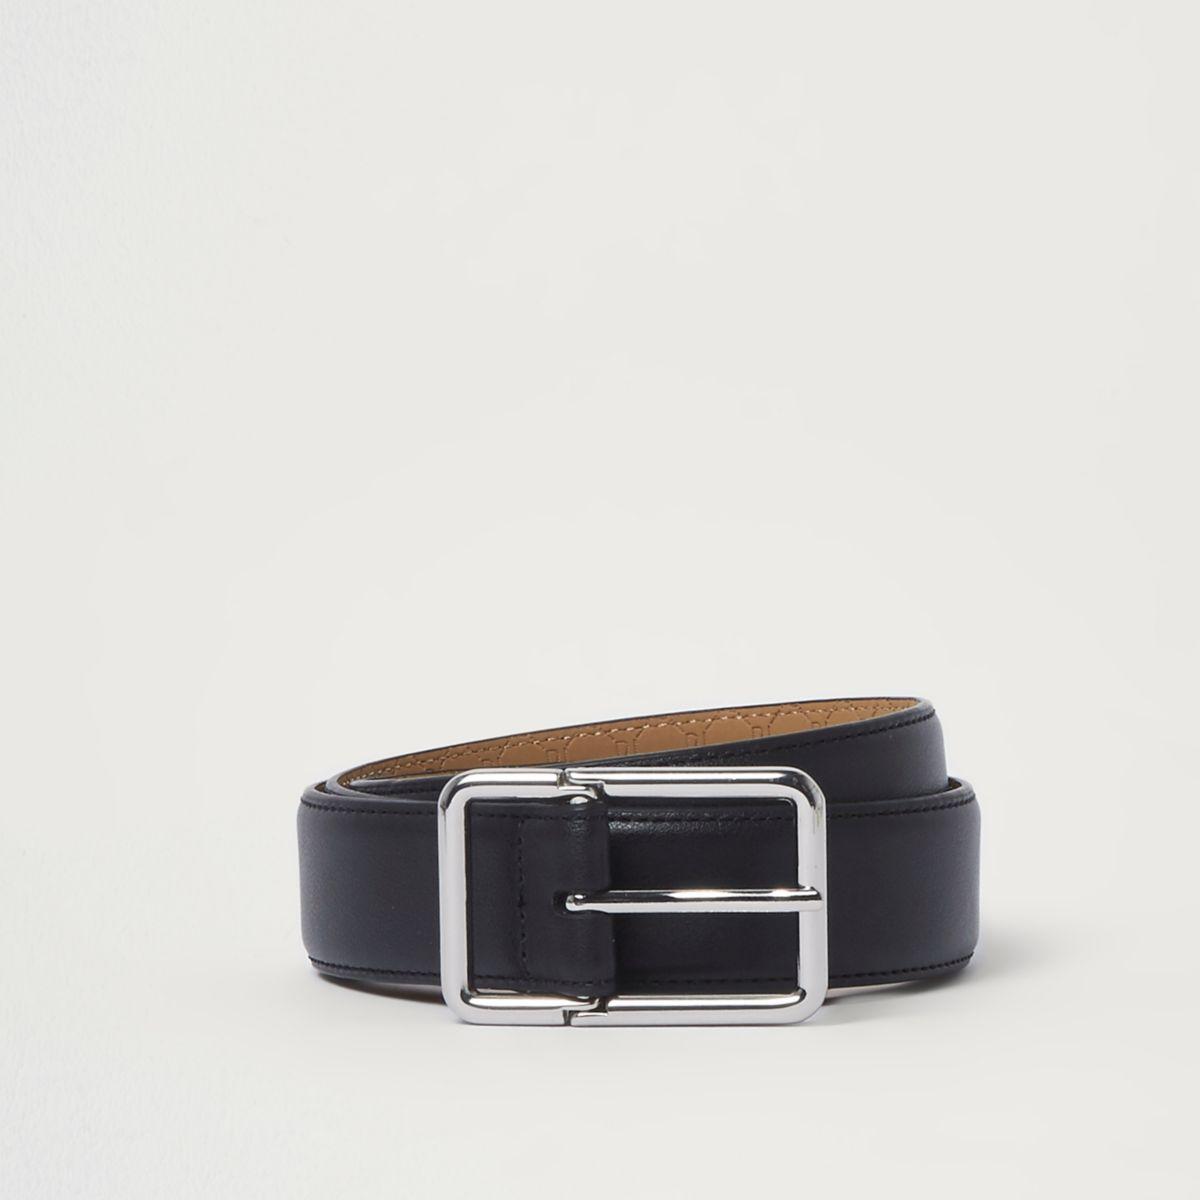 Black sliver tone buckle belt